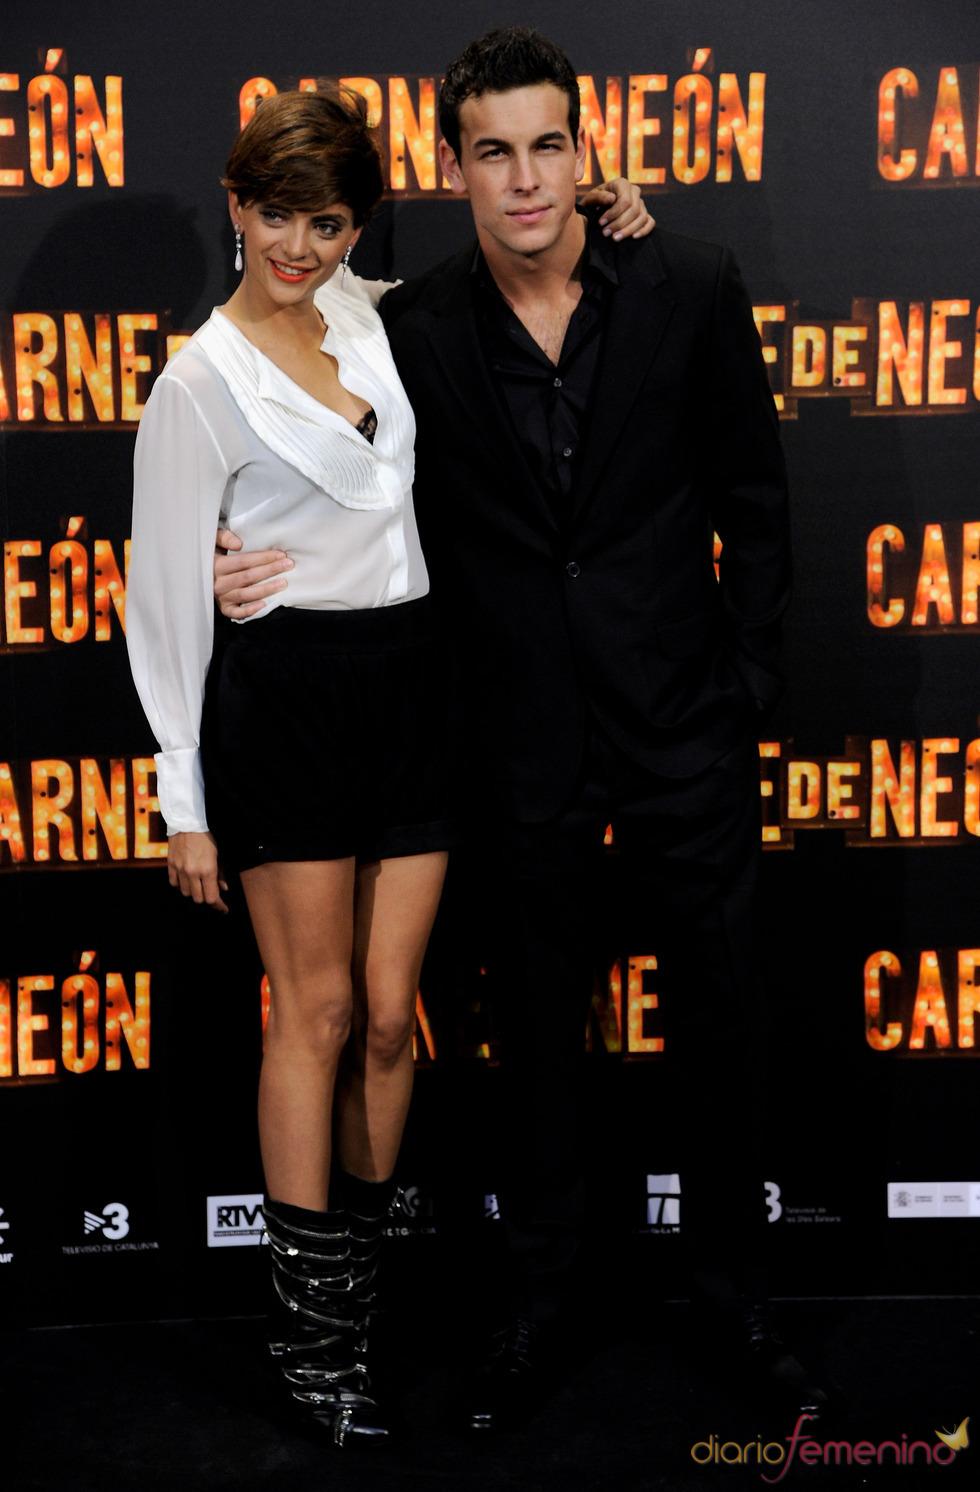 Mario Casas y Macarena Gomez en la presentación de 'Carne de Neón'